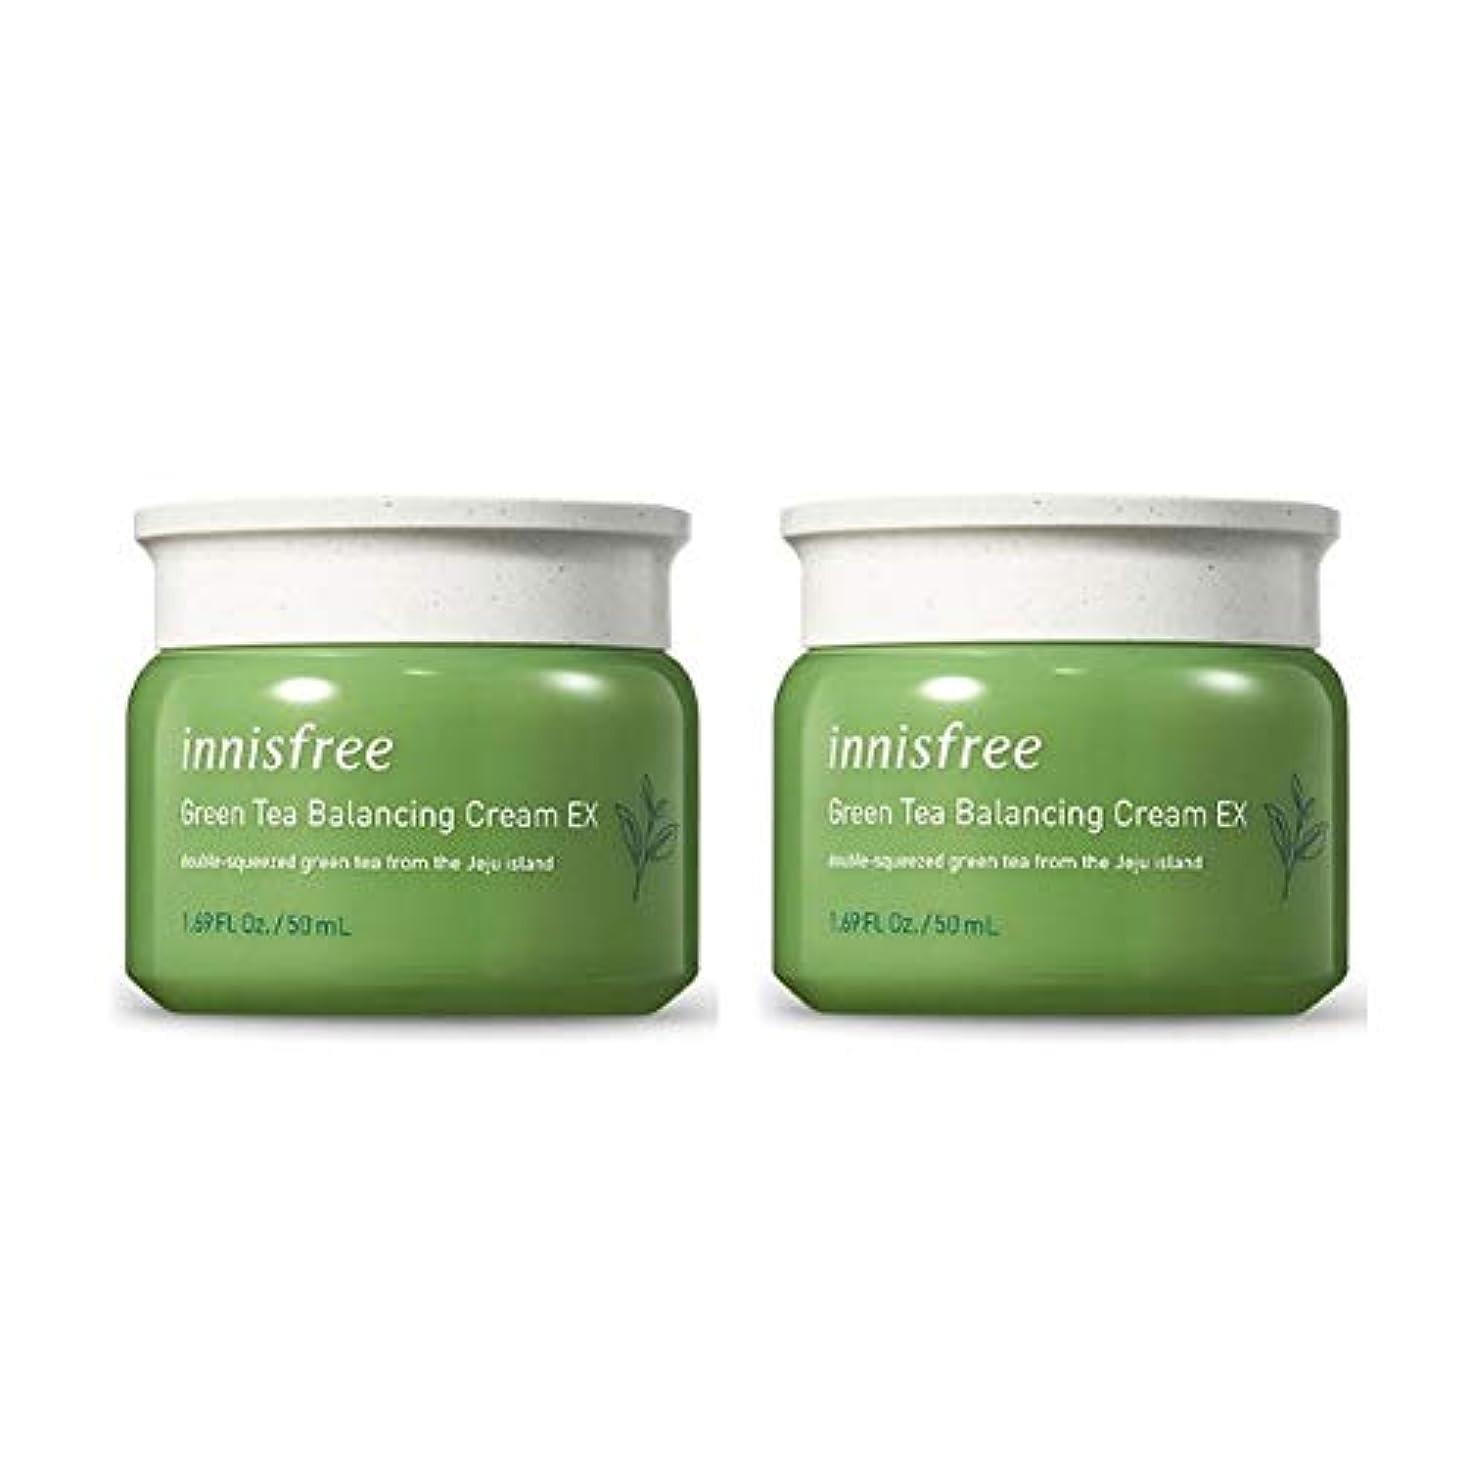 キノコ支配的推進、動かすイニスフリーグリーンティーバランシングクリームEX 50mlx2本セット韓国コスメ、innisfree Green Tea Balancing Cream EX 50ml x 2ea Set Korean Cosmetics...